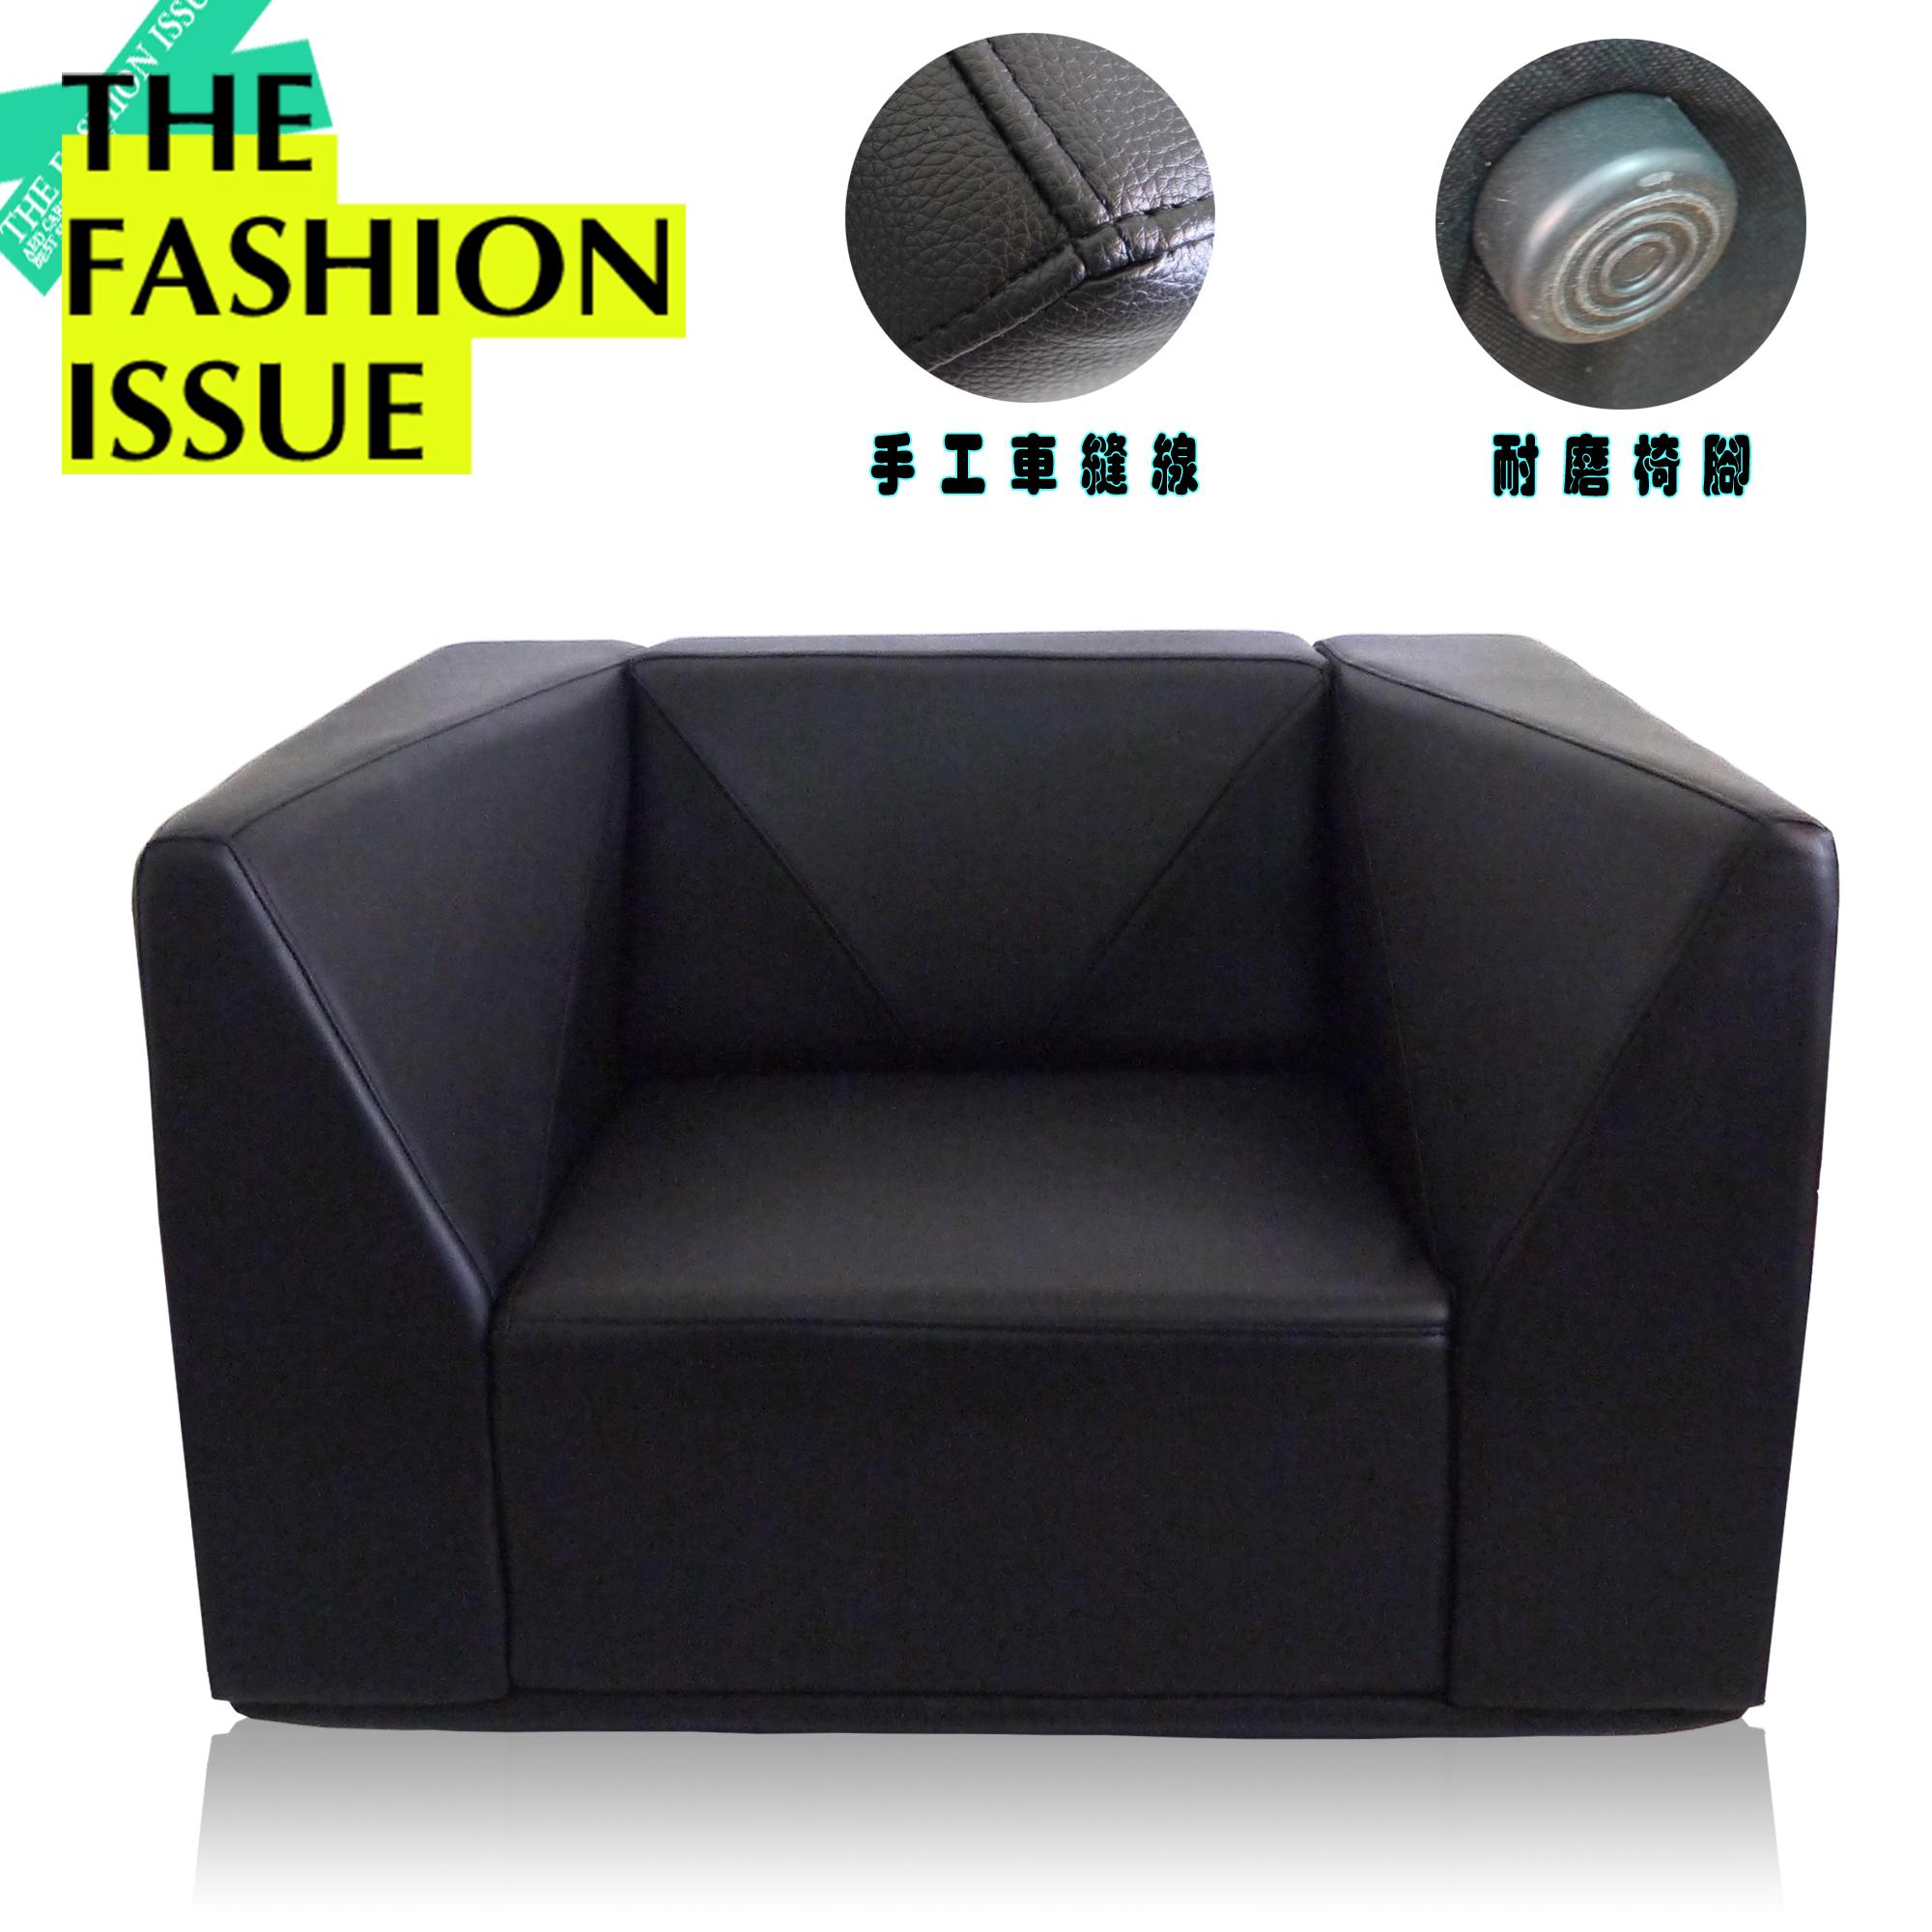 【椅子王】極簡北歐風時尚 單人沙發造型椅/休閒雙人沙發床工業風皮沙發室內設計裝潢套房民宿旅館飯店